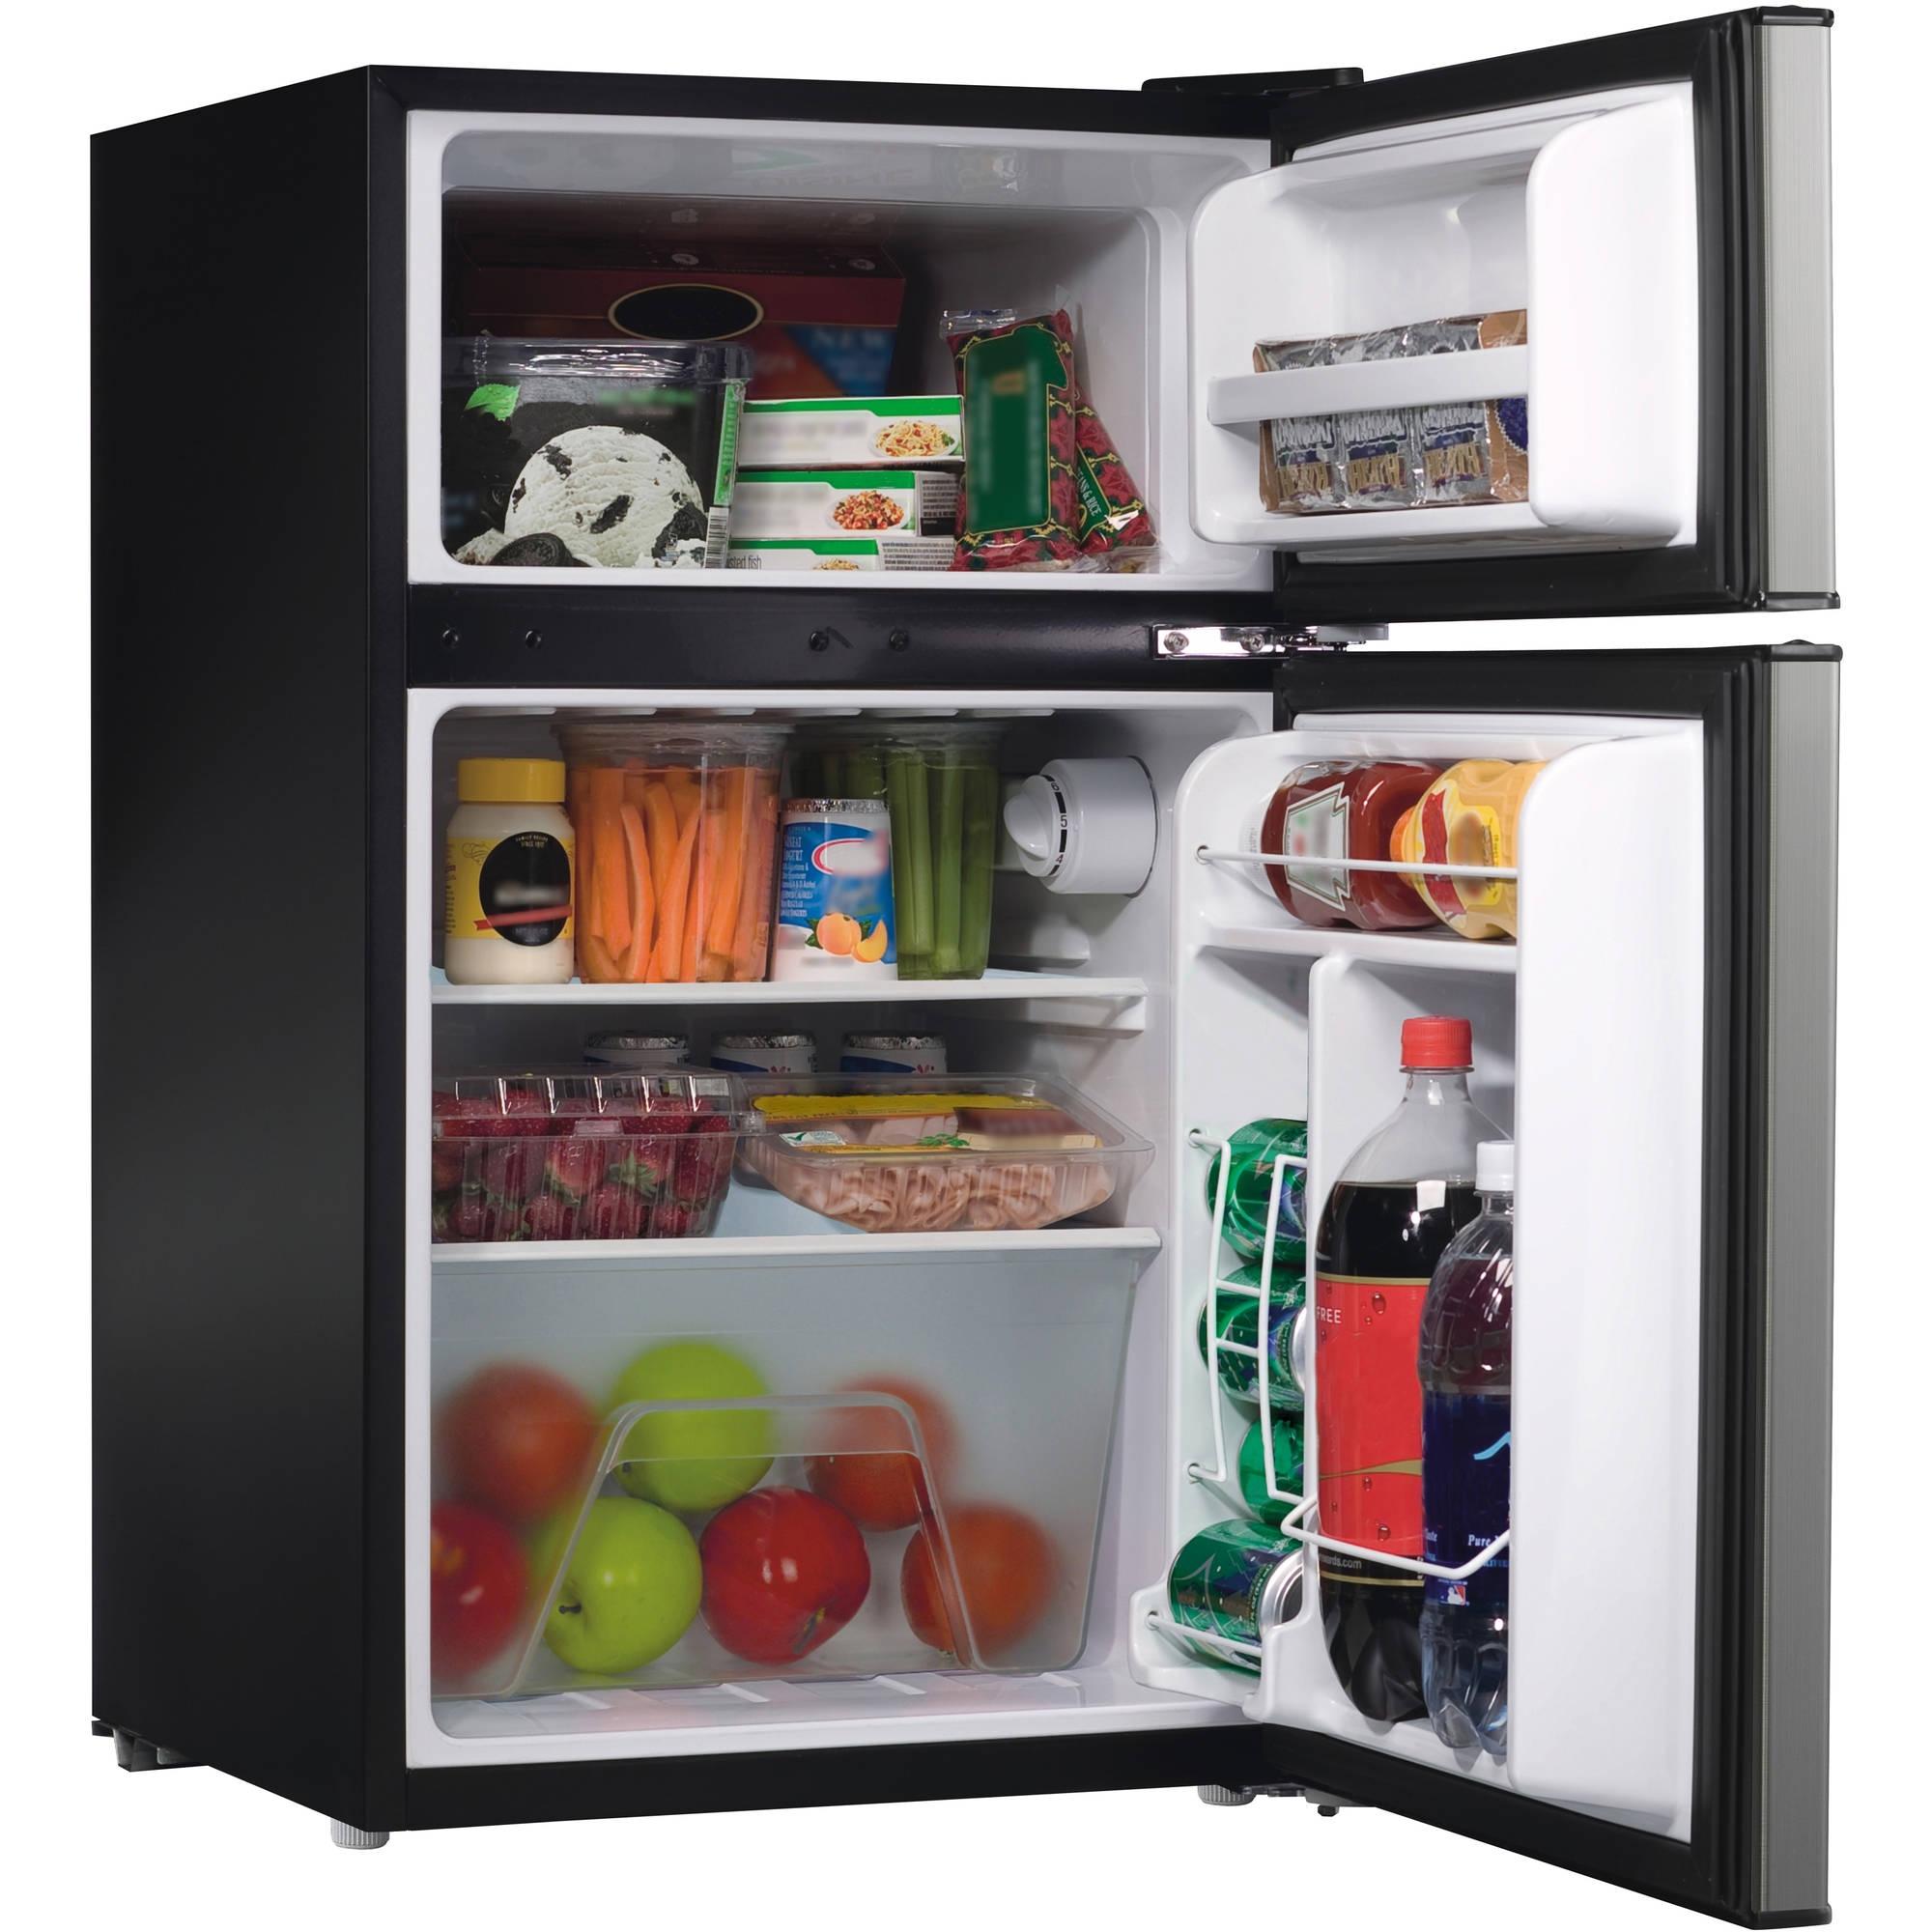 gesundes leben mit kleinem kühlschrank